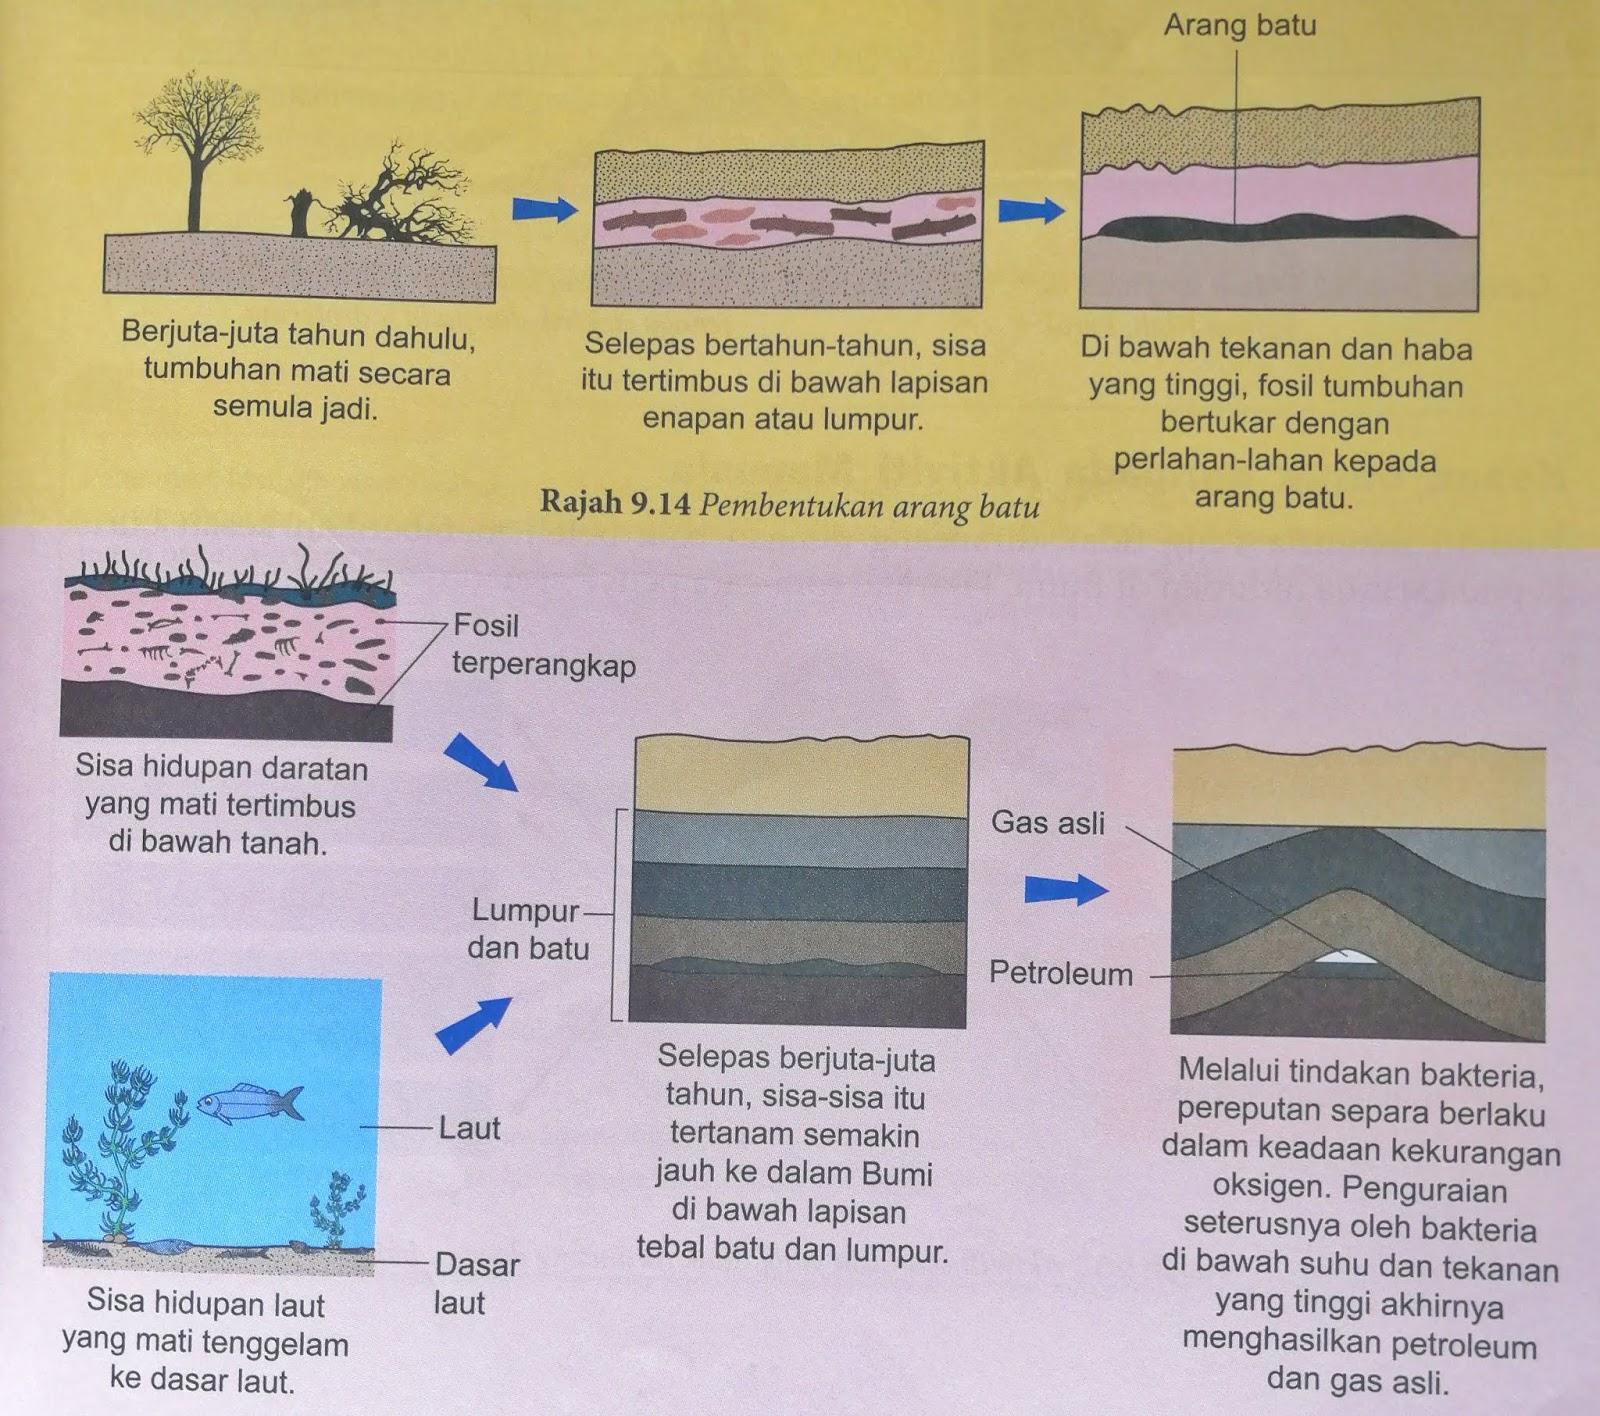 Proses Pembentukan Petroleum Dan Gas Asli Di Dalam Kerak Bumi